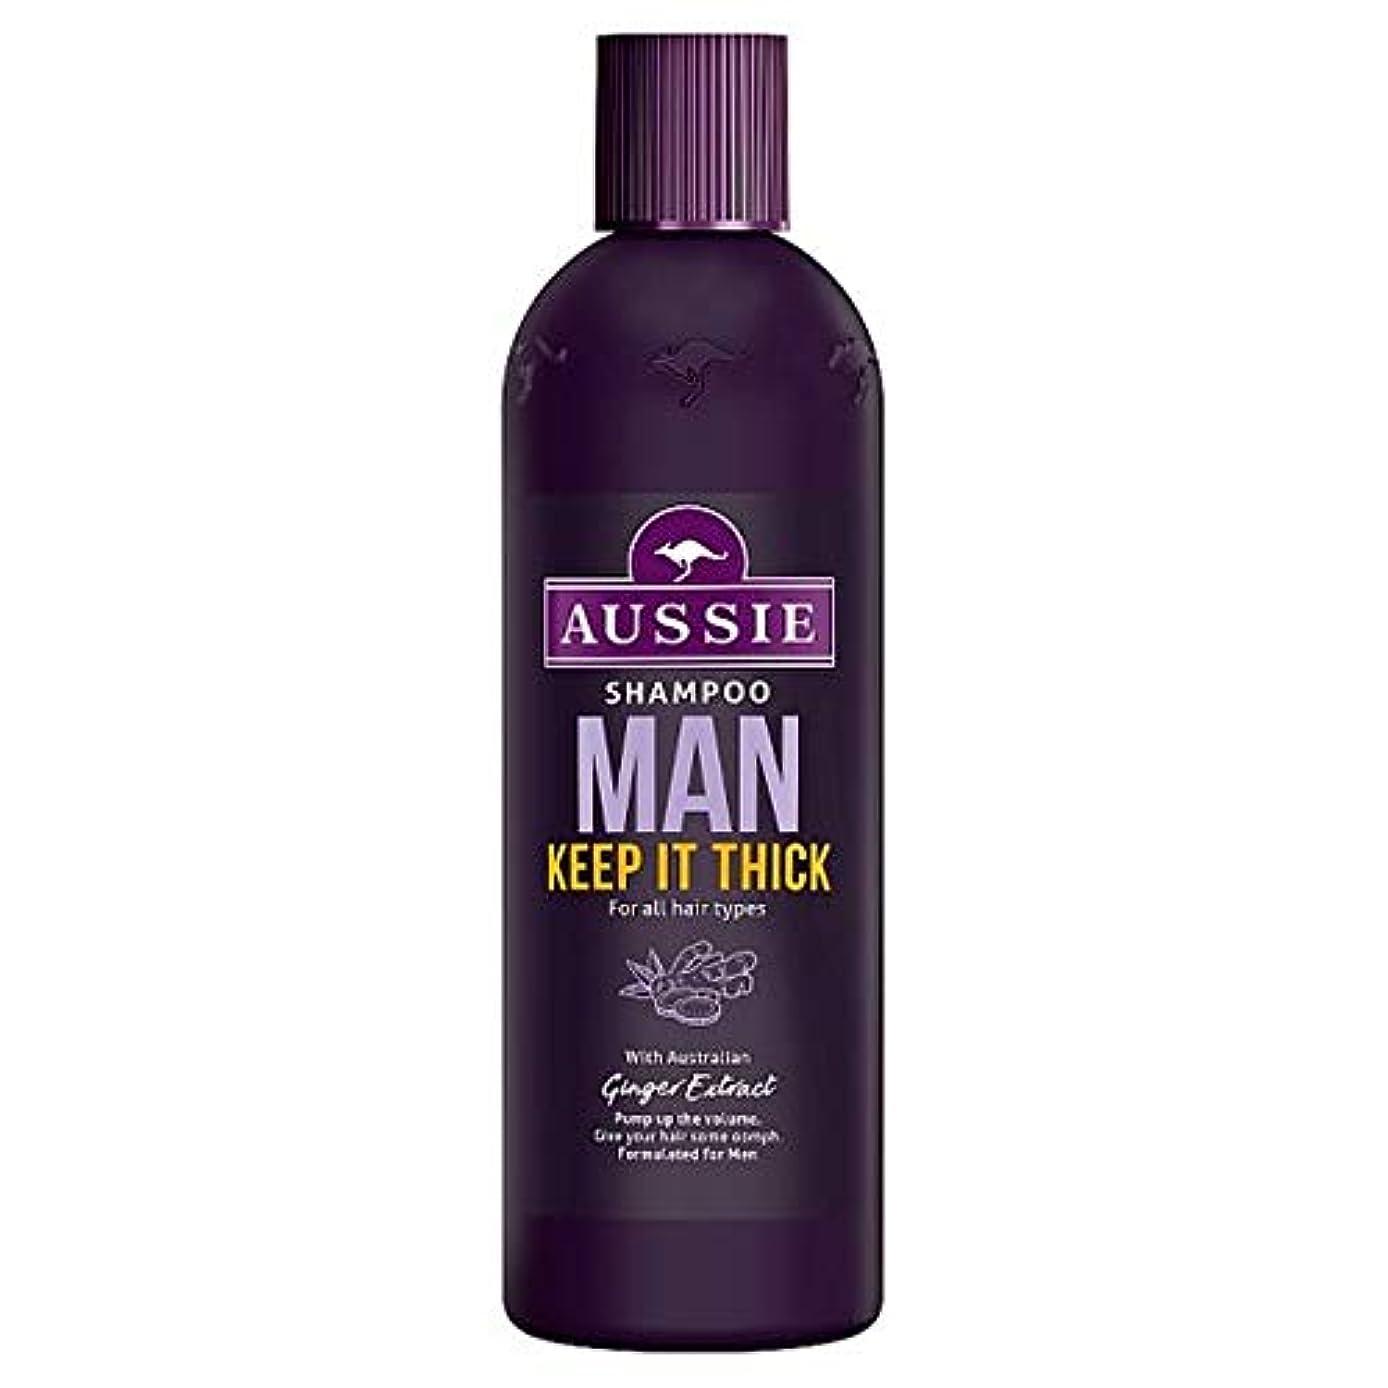 調停者ランチ経営者[Aussie] オージー男はそれ厚いシャンプー300ミリリットル保ちます - Aussie Man Keep It Thick Shampoo 300Ml [並行輸入品]